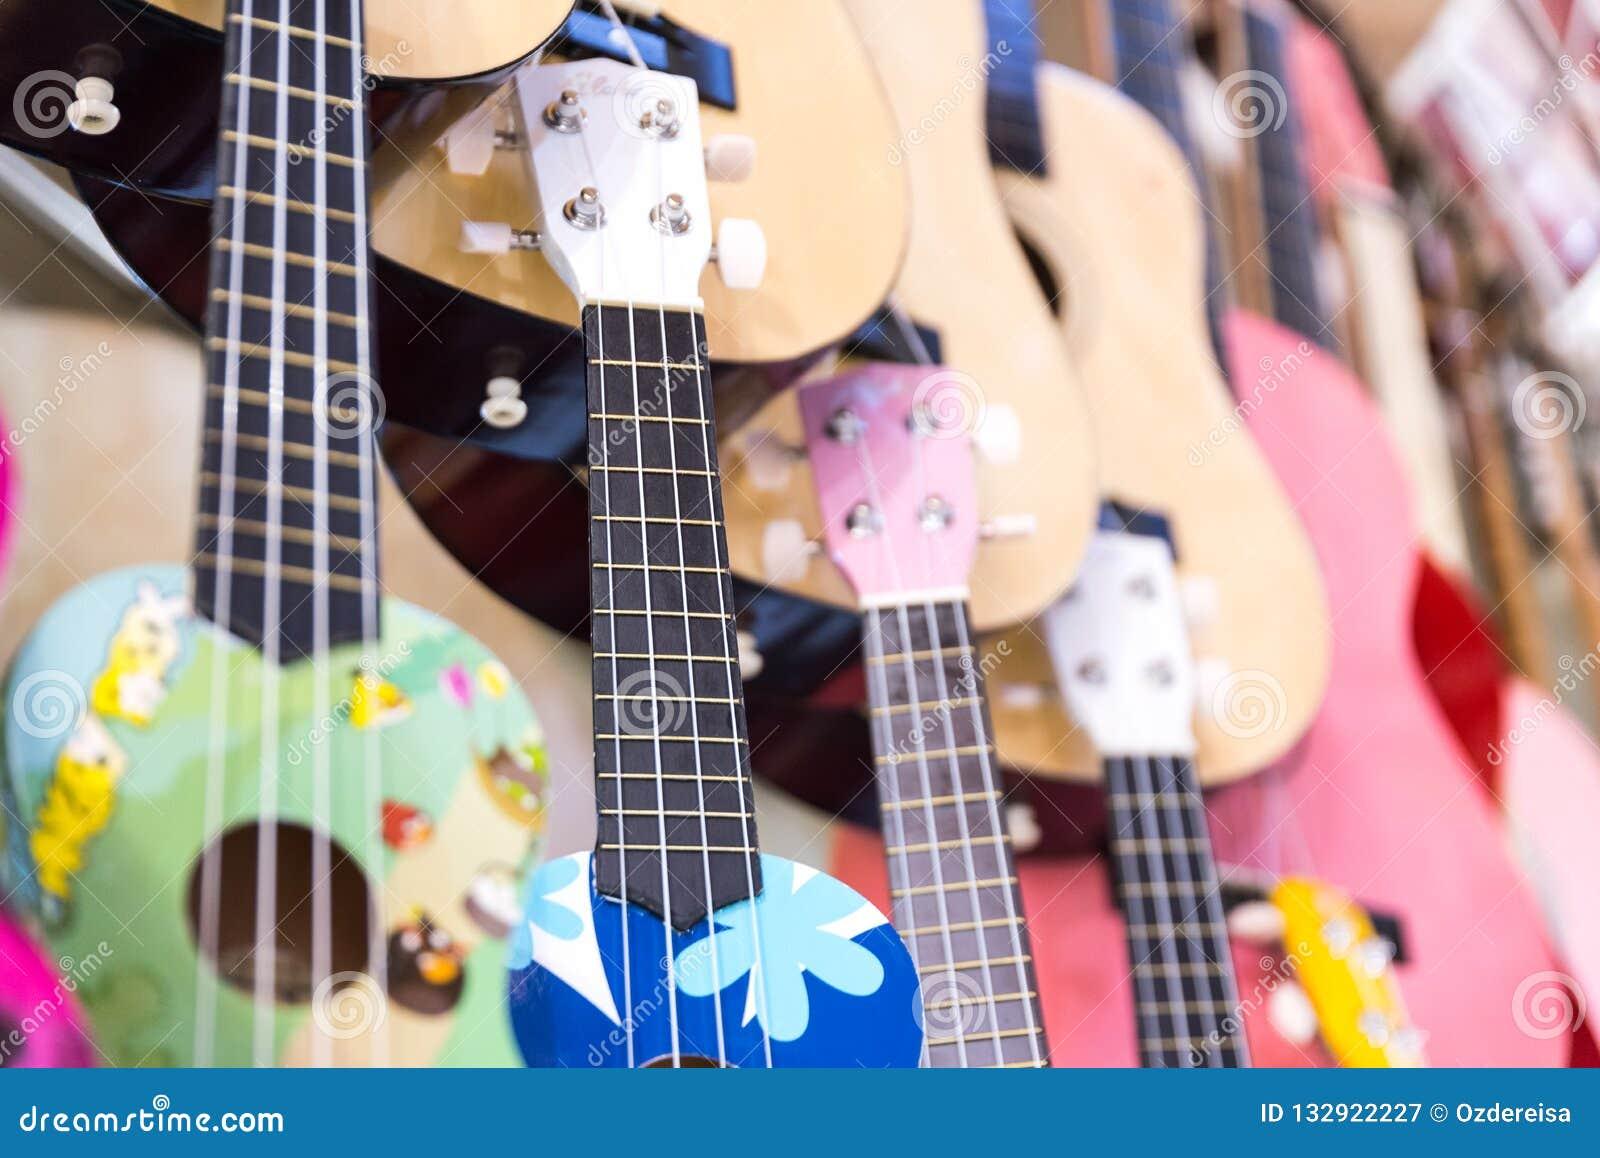 Guitarras de madera coloridas que cuelgan en la pared de la sala de exposición de la tienda